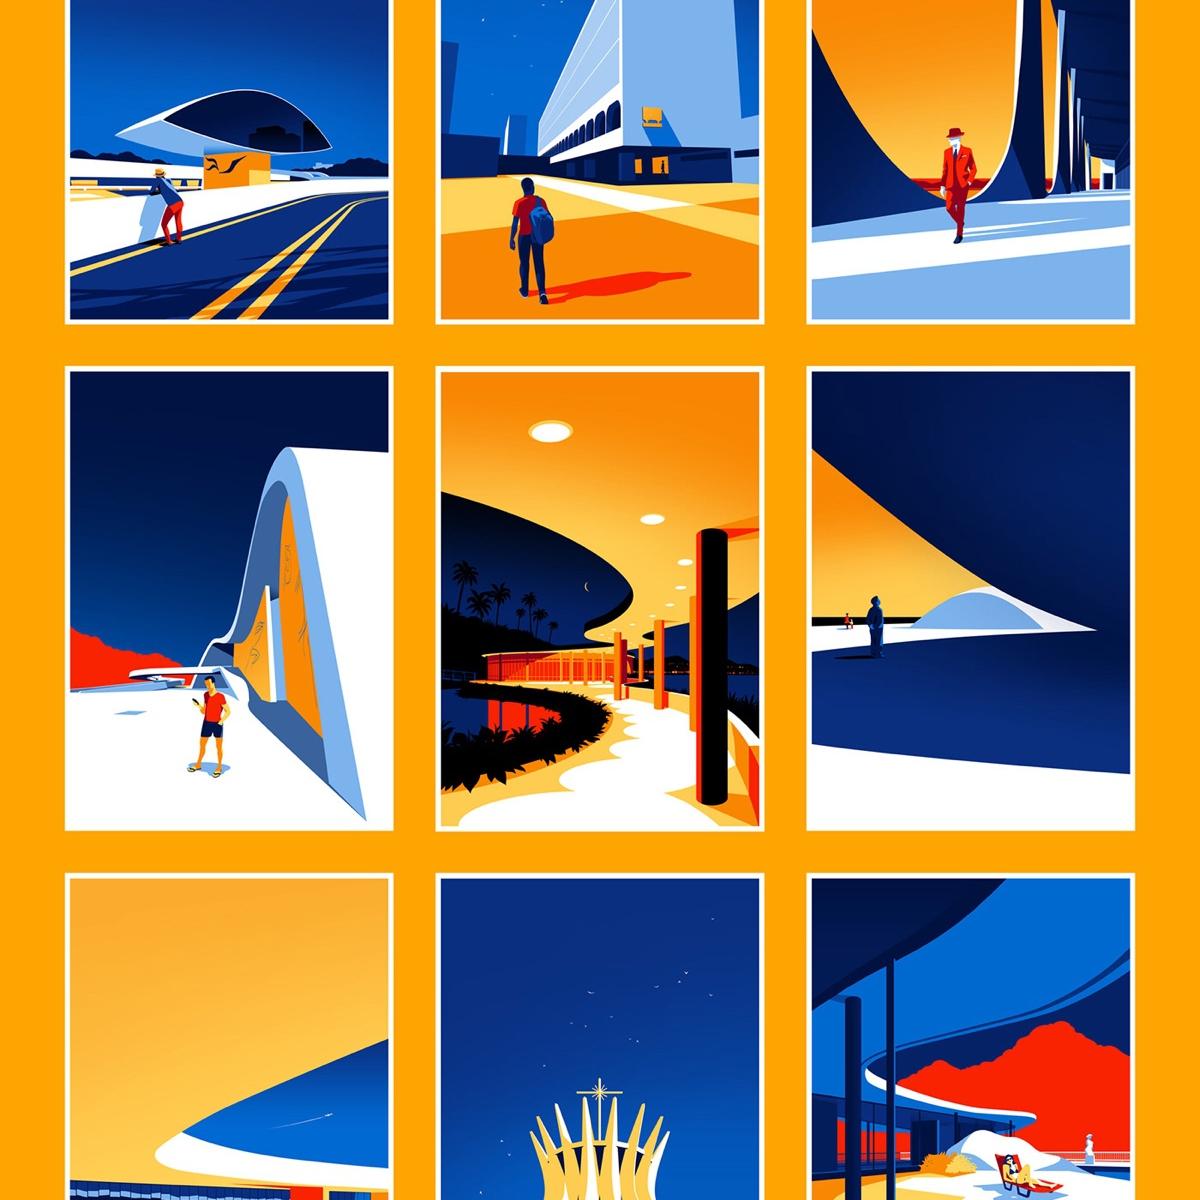 Ilustrações minimalistas celebram a beleza da arquitetura moderna de Oscar Niemeyer